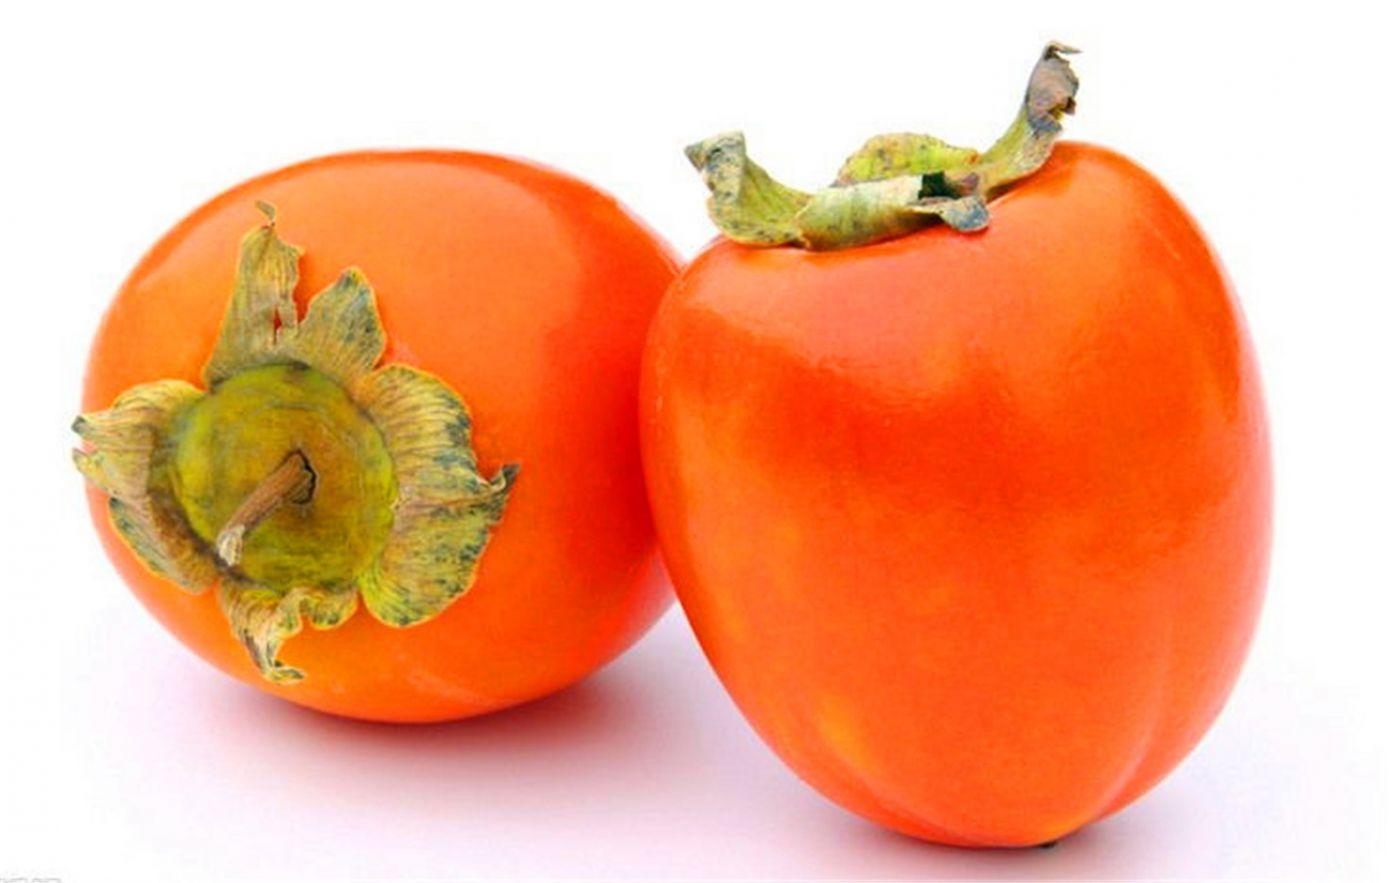 柿子也很漂亮_图1-9